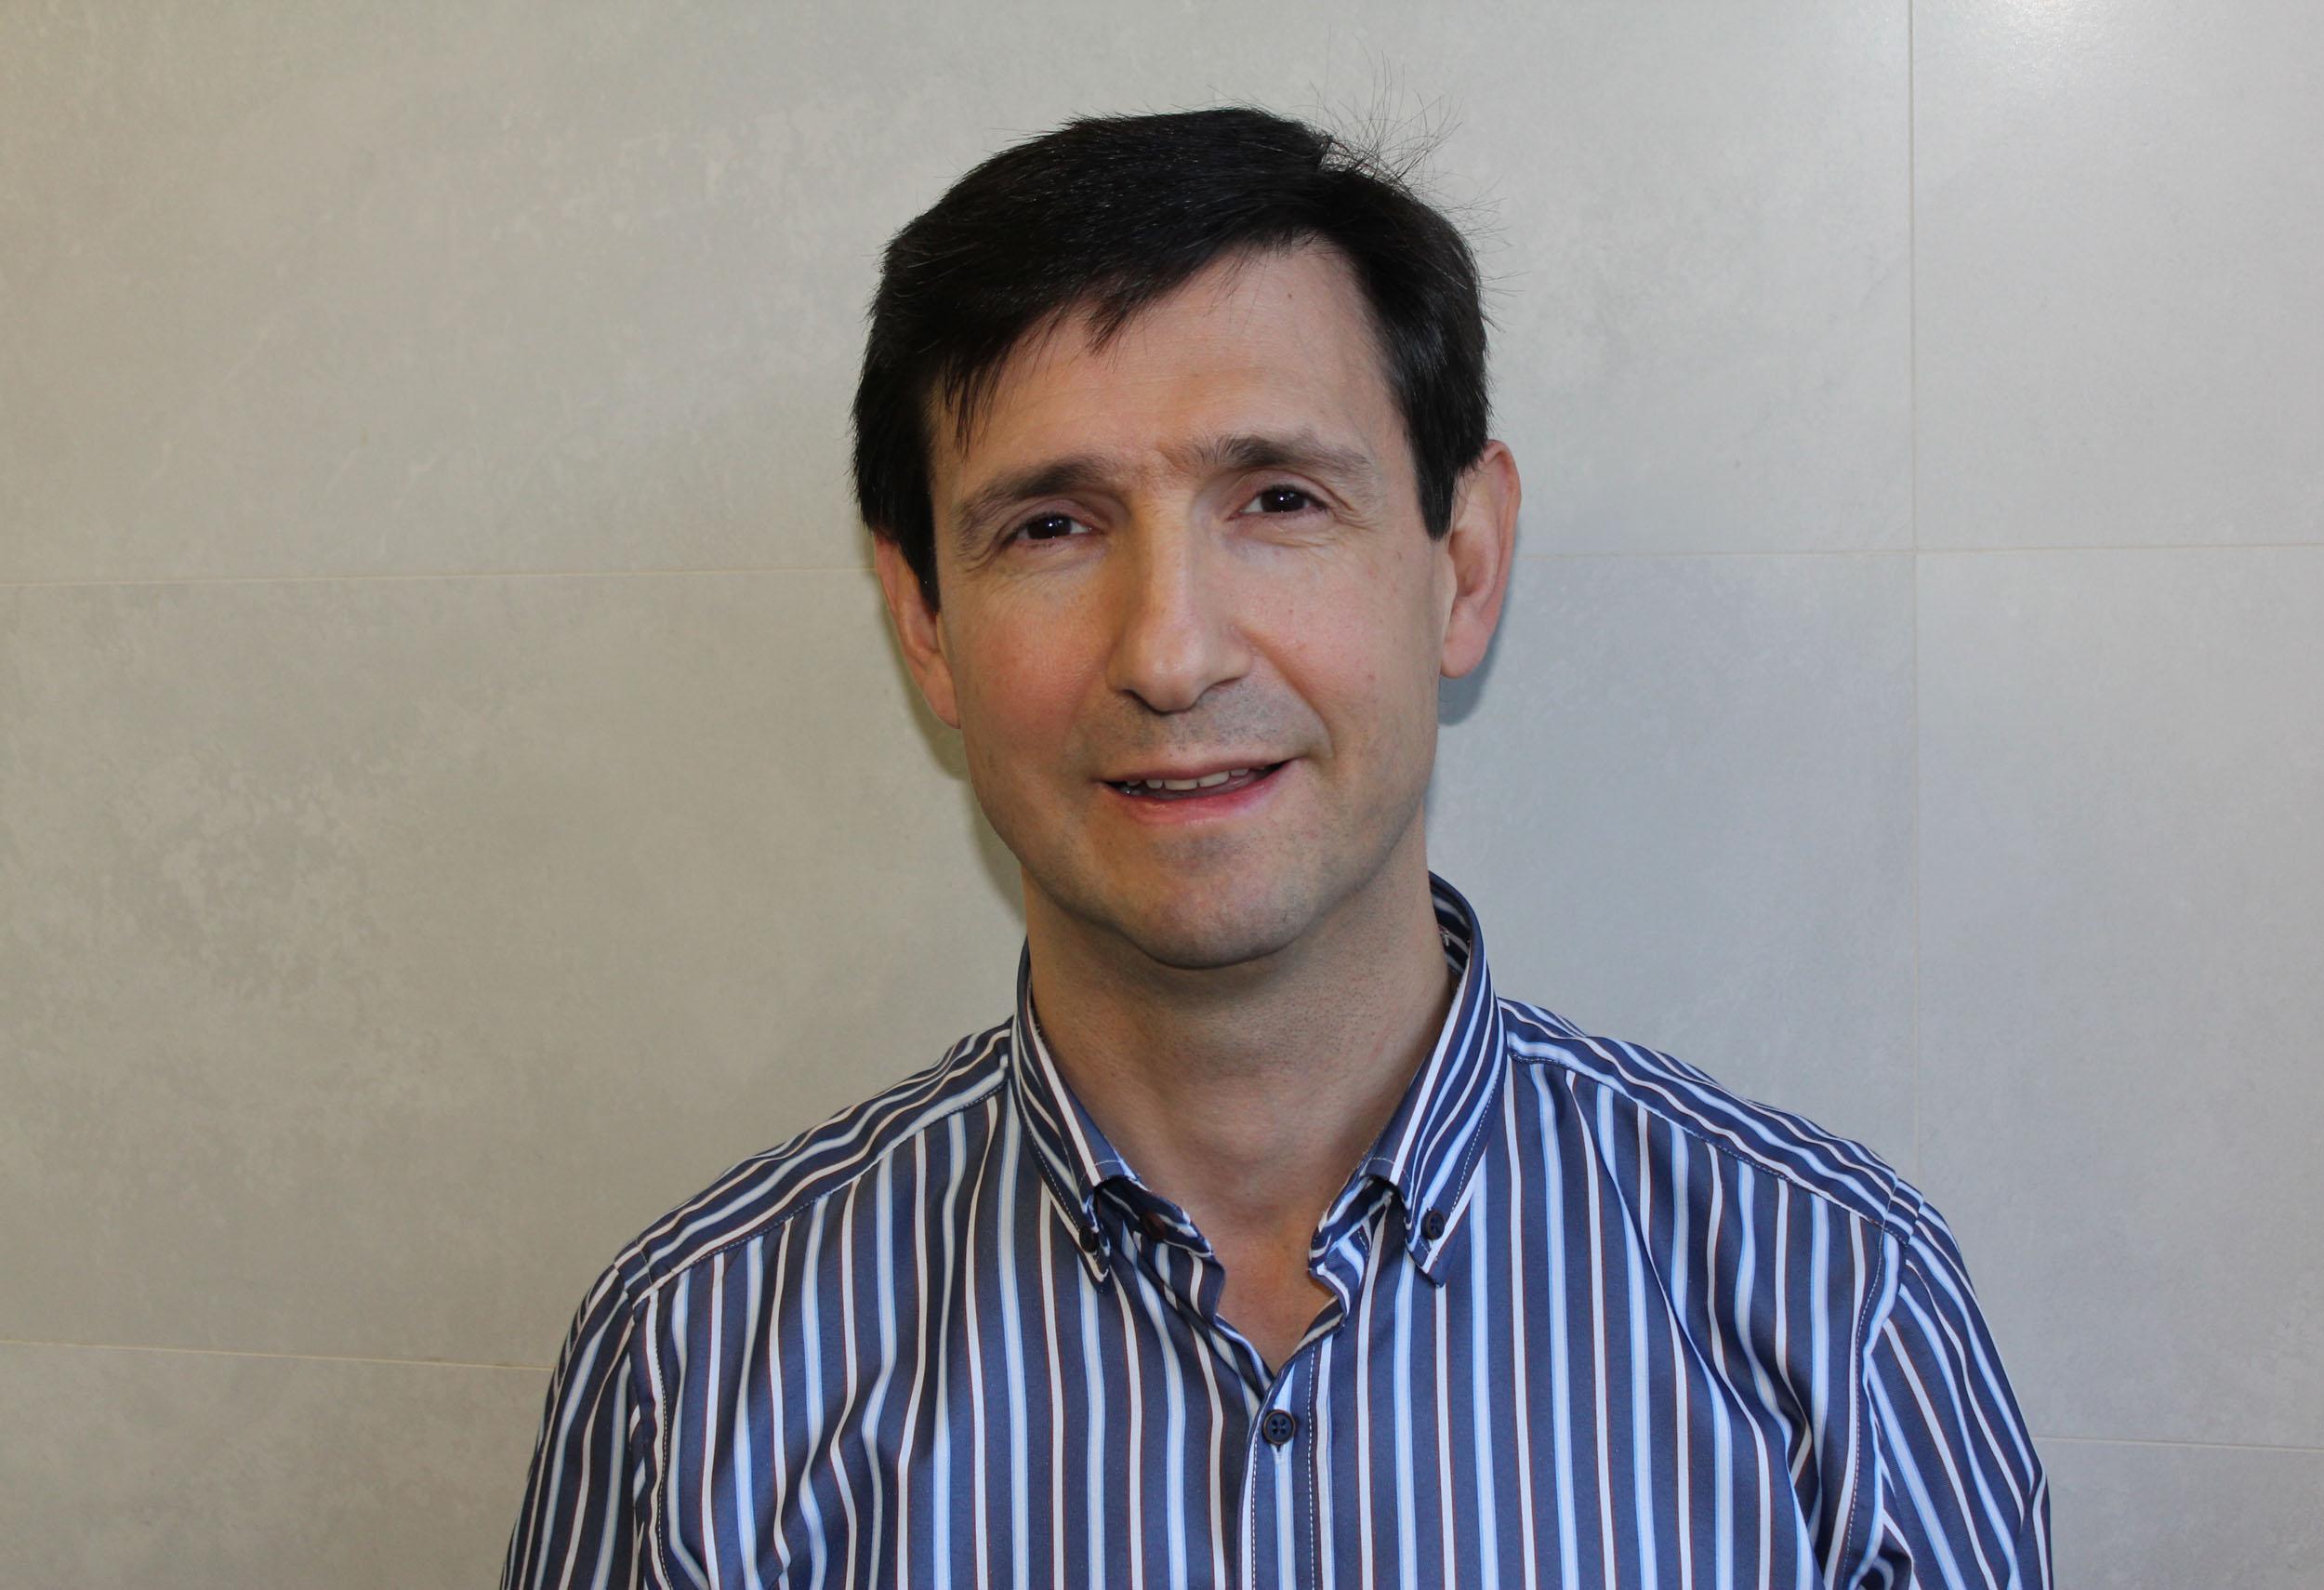 Carlos Martinez de Guereñu